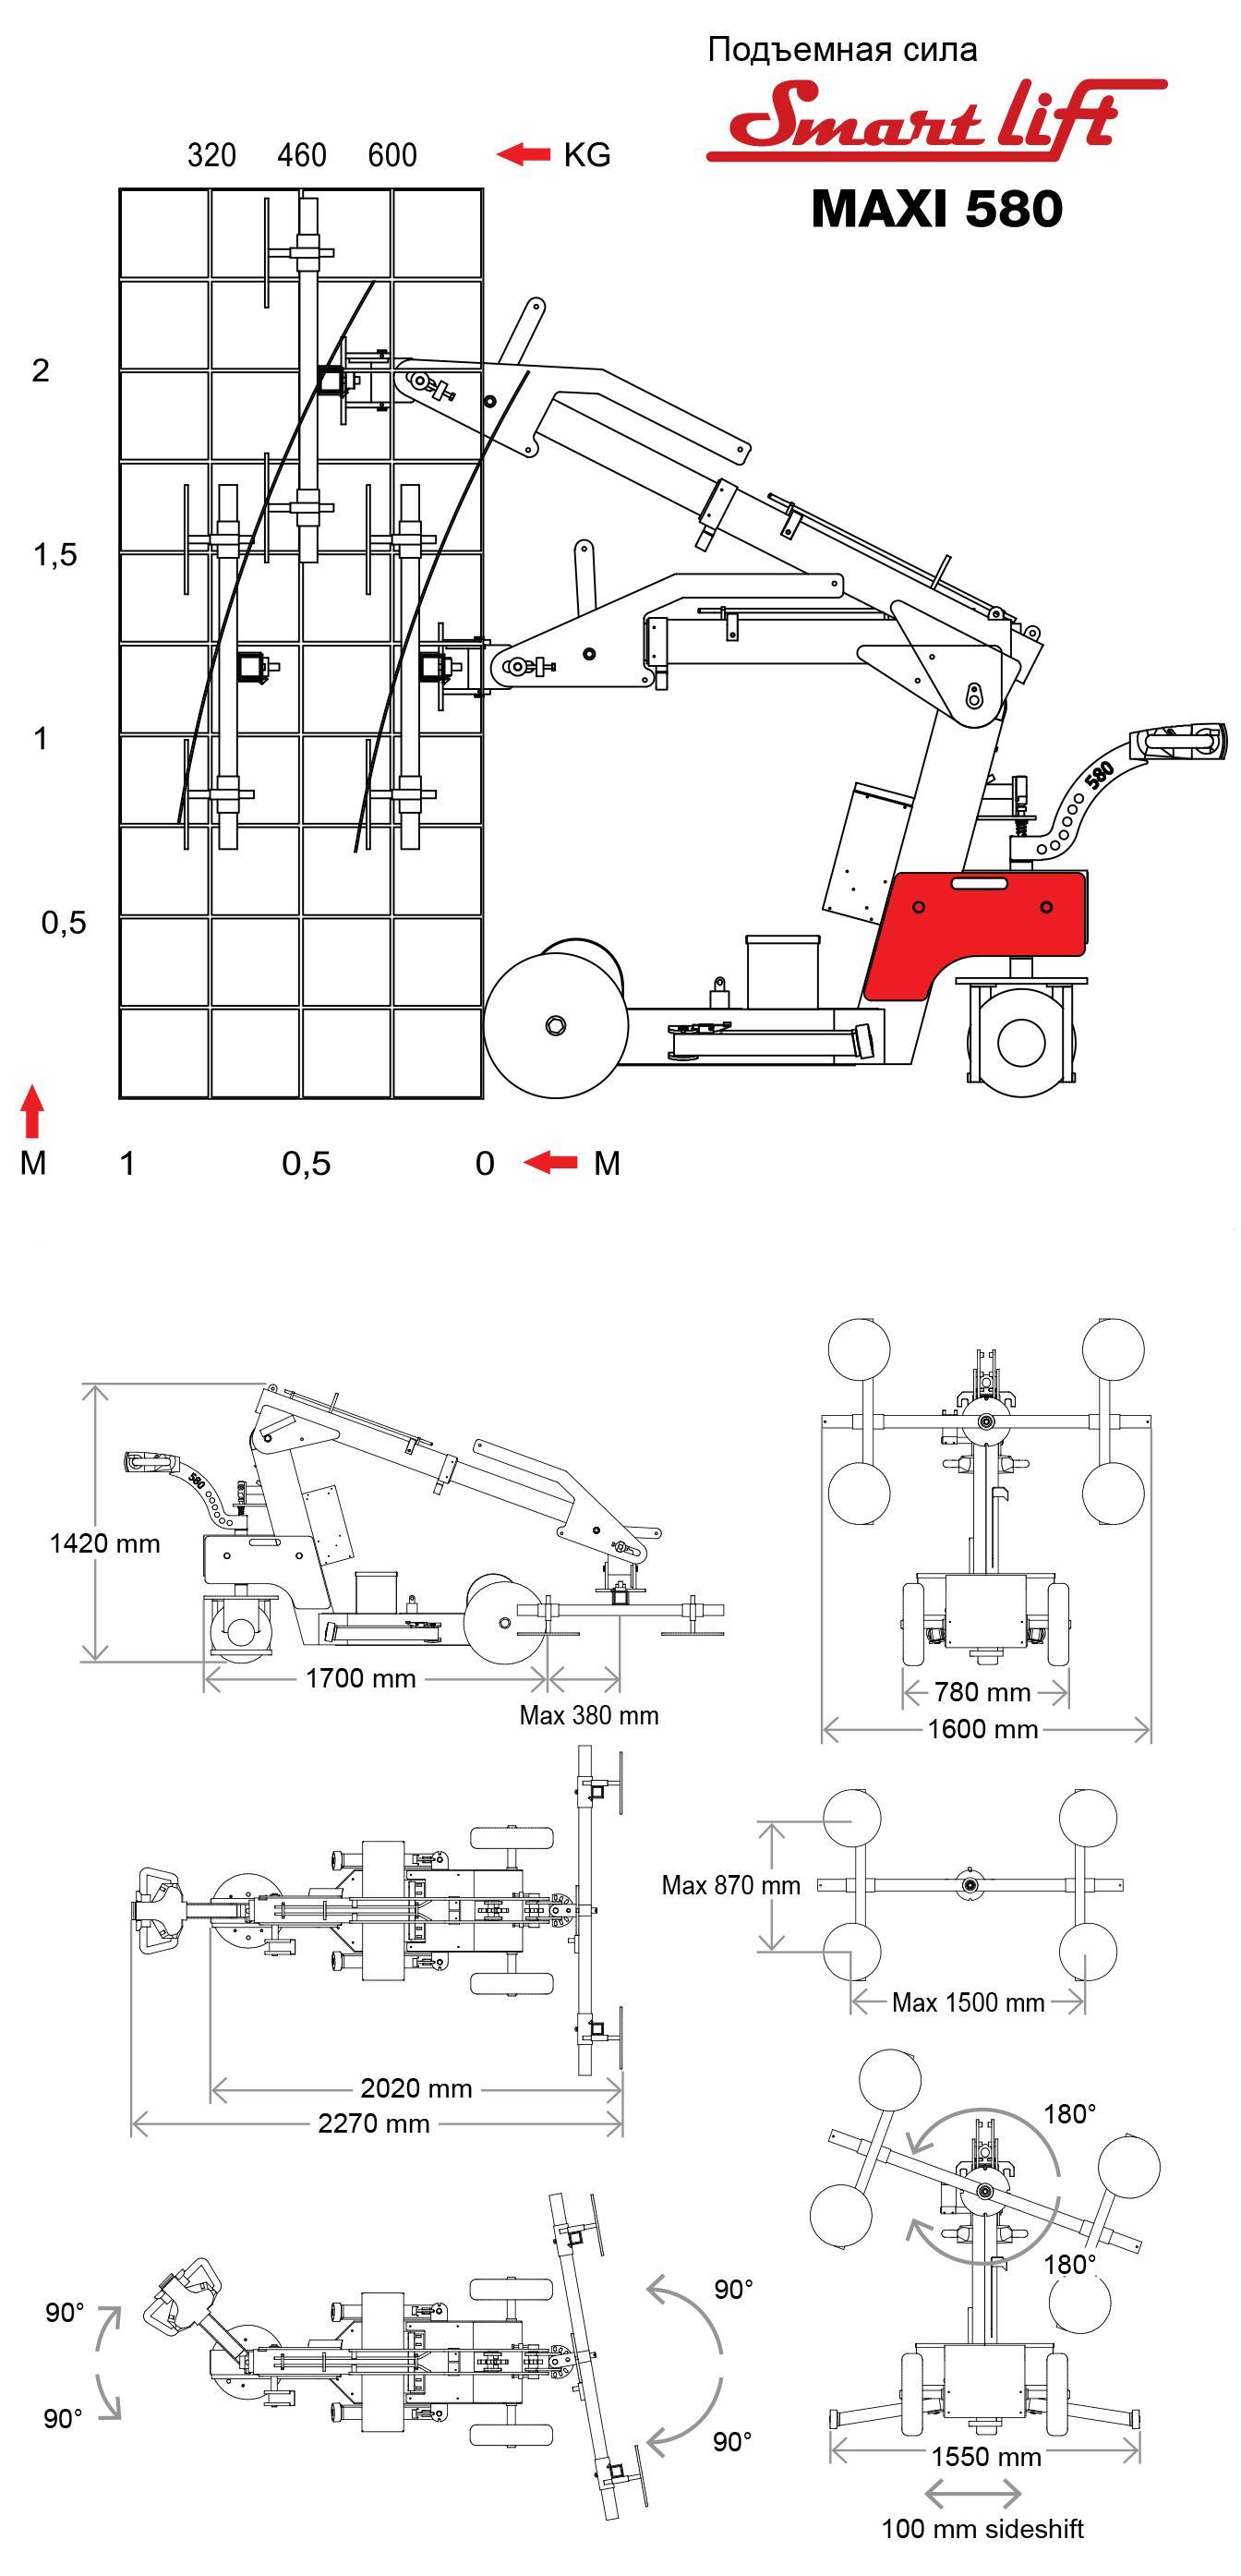 SL 580 Maxi